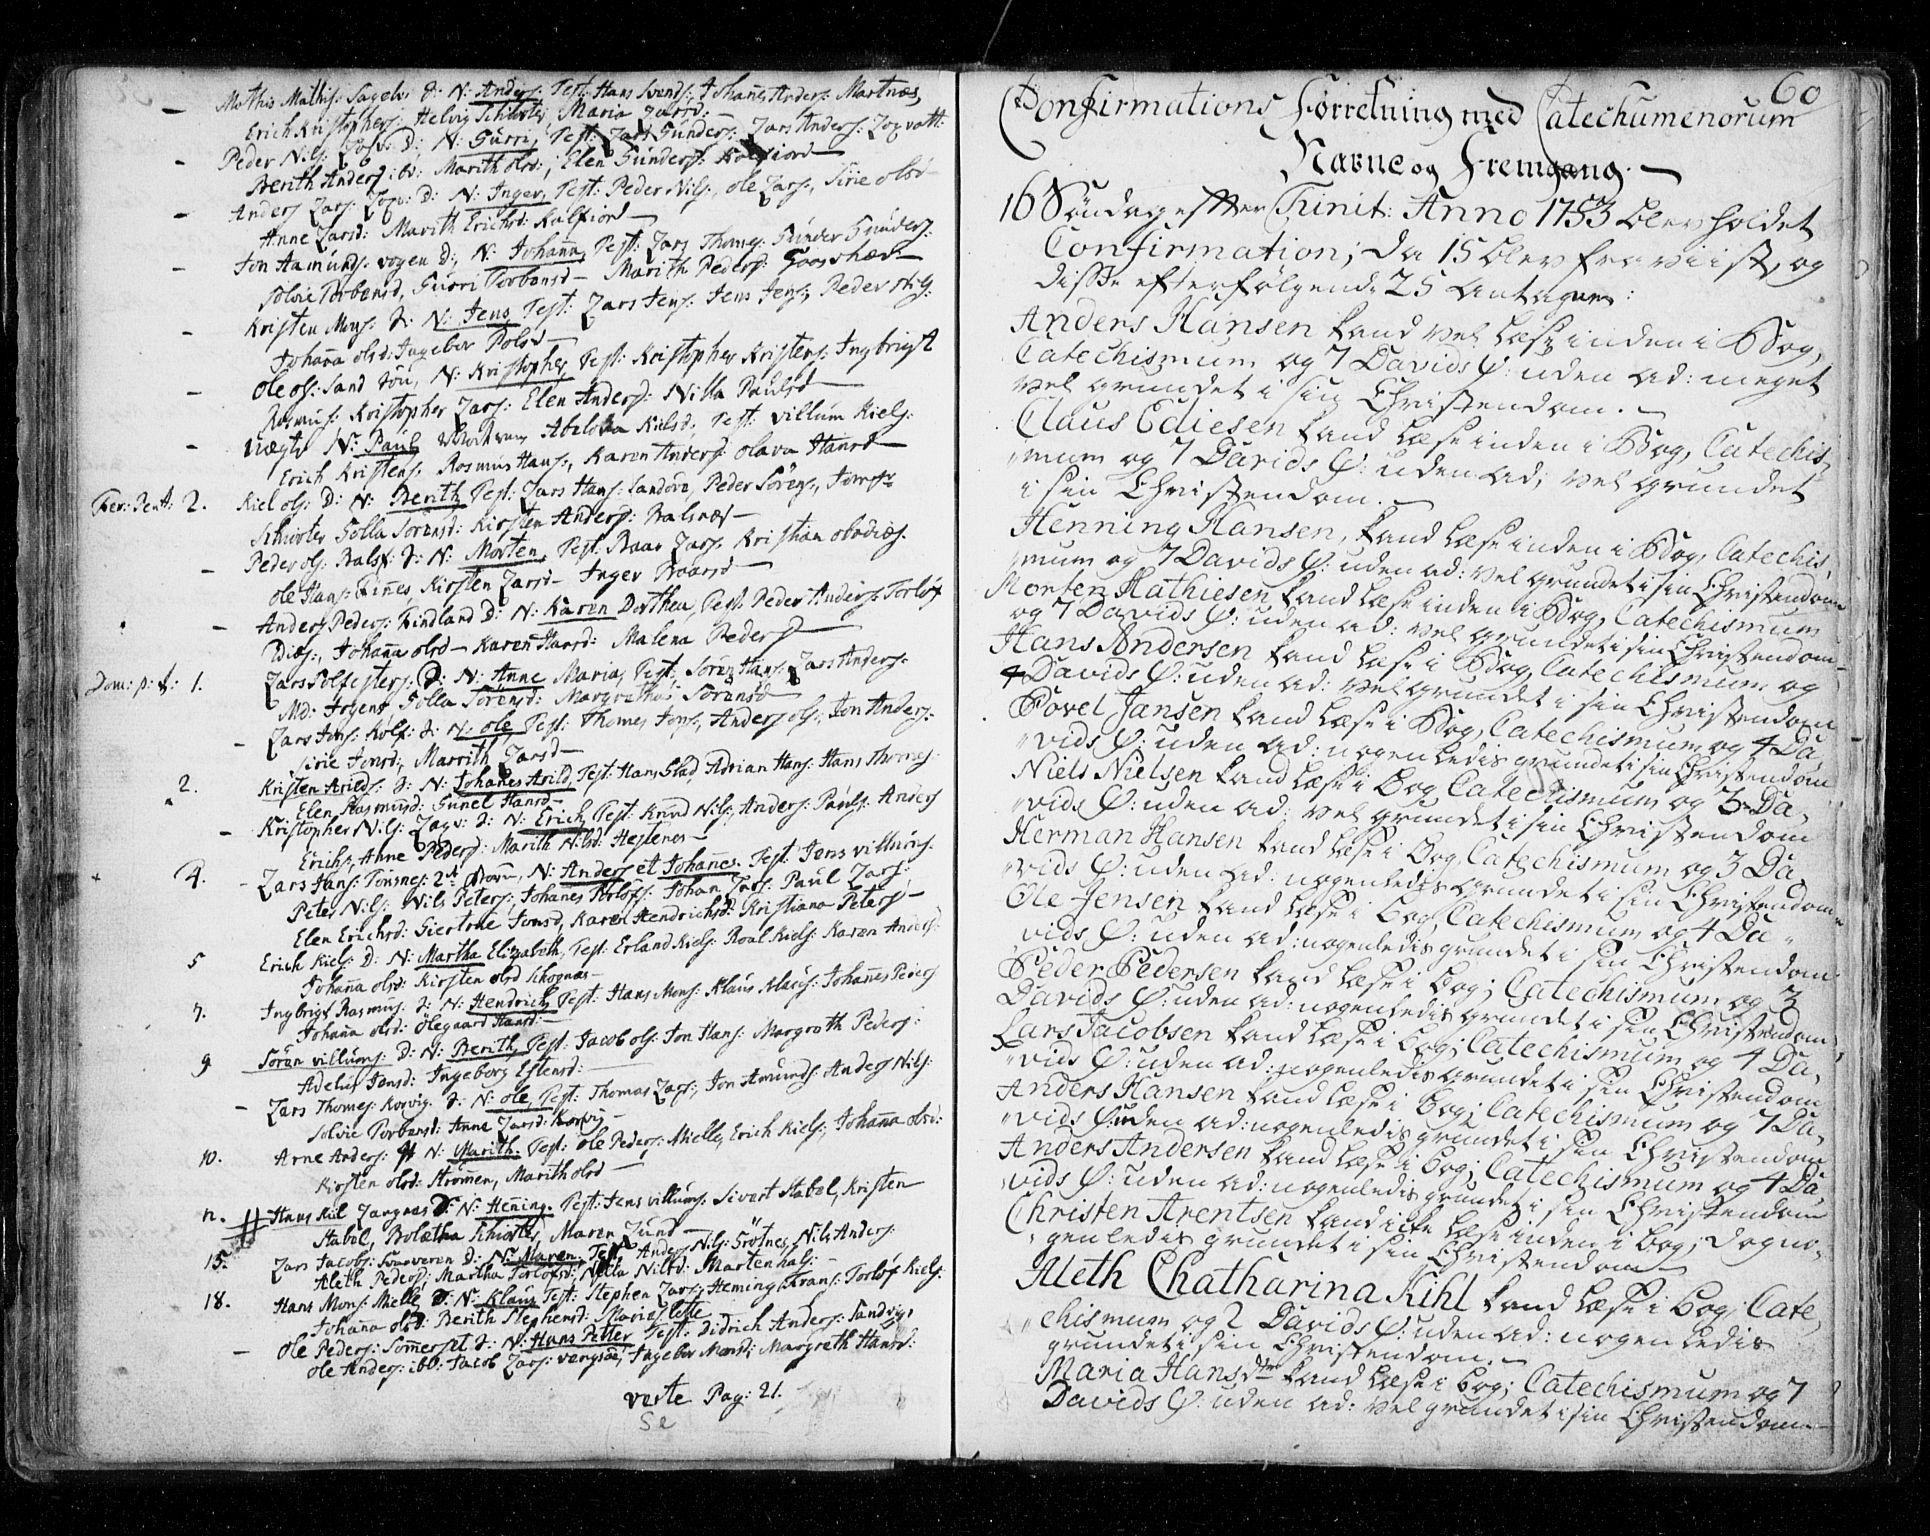 SATØ, Tromsø sokneprestkontor/stiftsprosti/domprosti, G/Ga/L0002kirke: Ministerialbok nr. 2, 1753-1778, s. 60